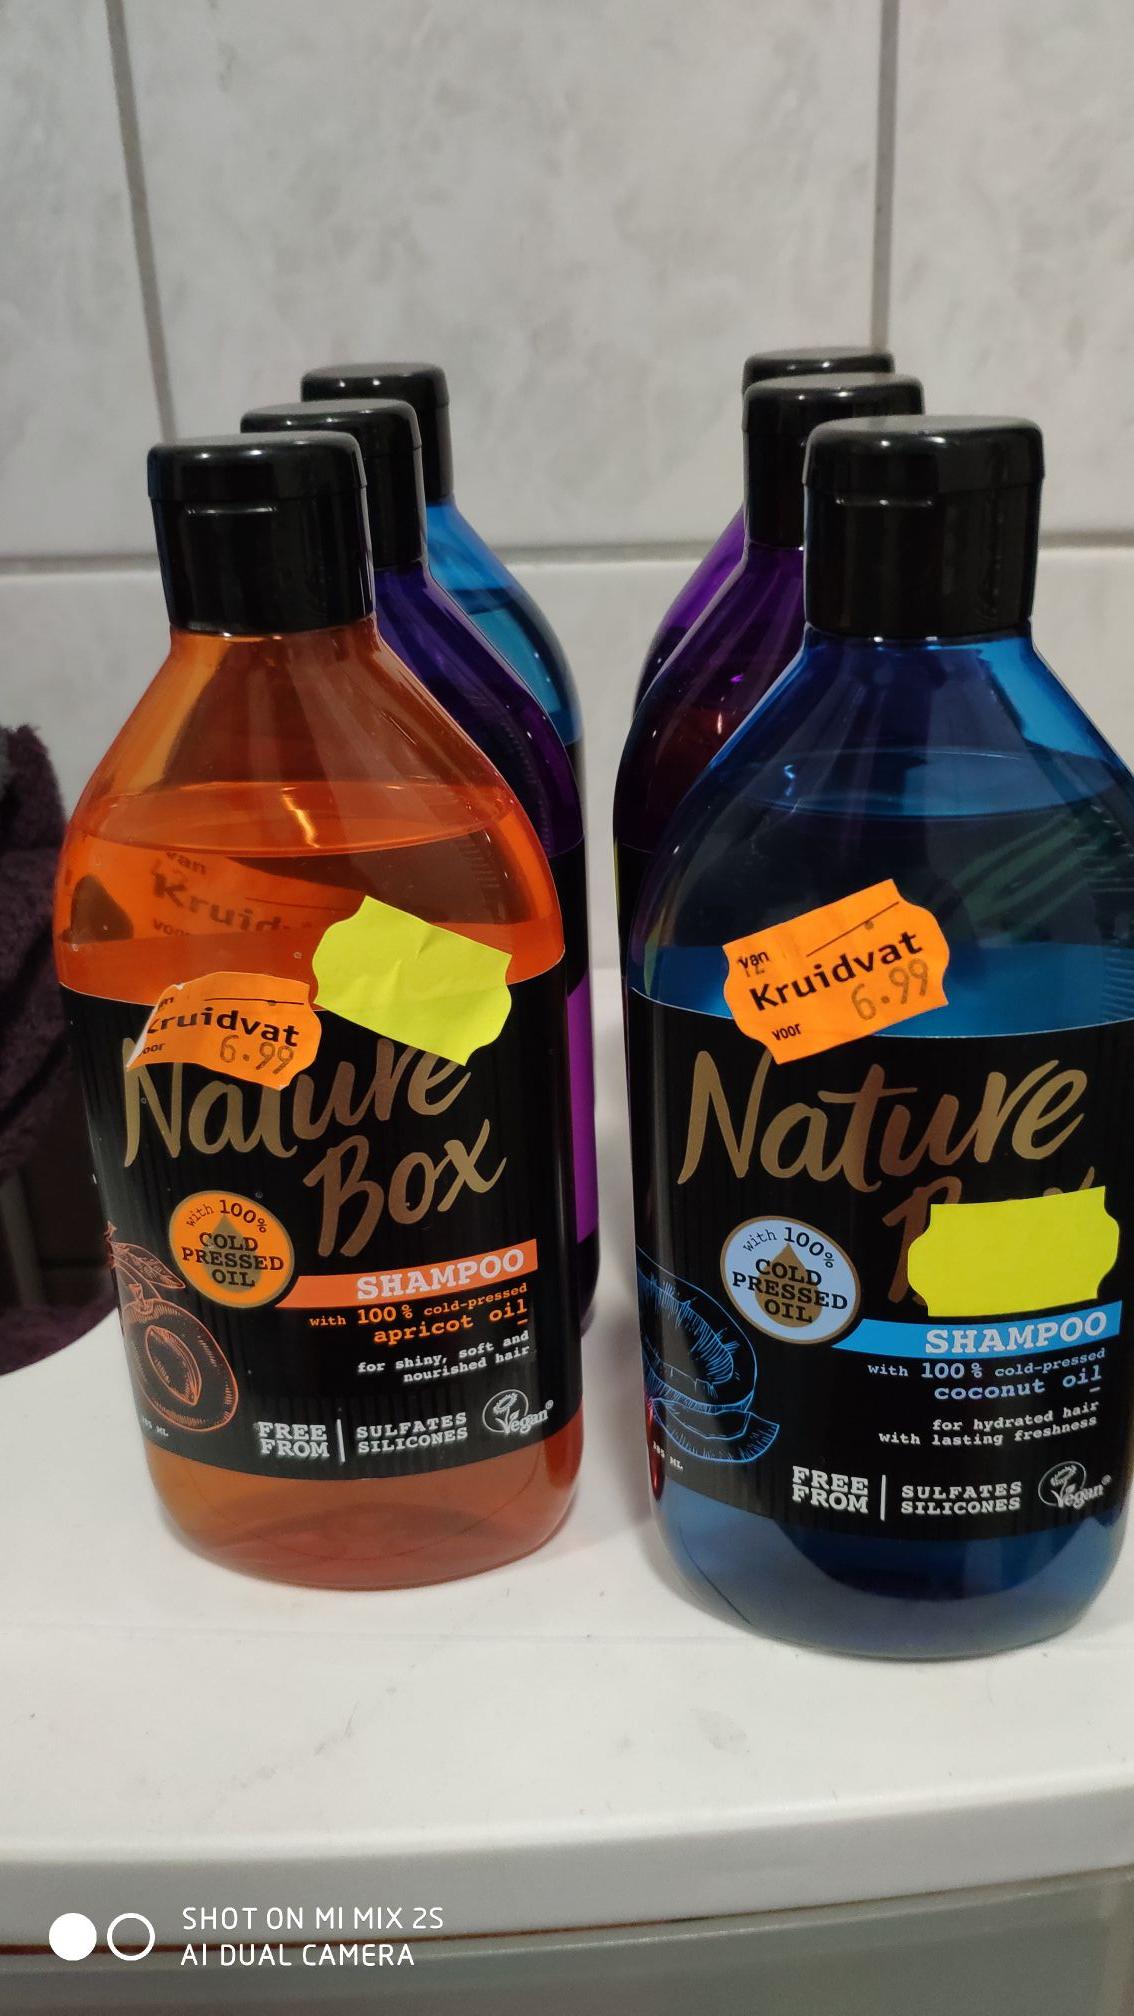 Nature Box Shampoo & Shower Gel (50% korting + 2de voor 1€) @Kruidvat